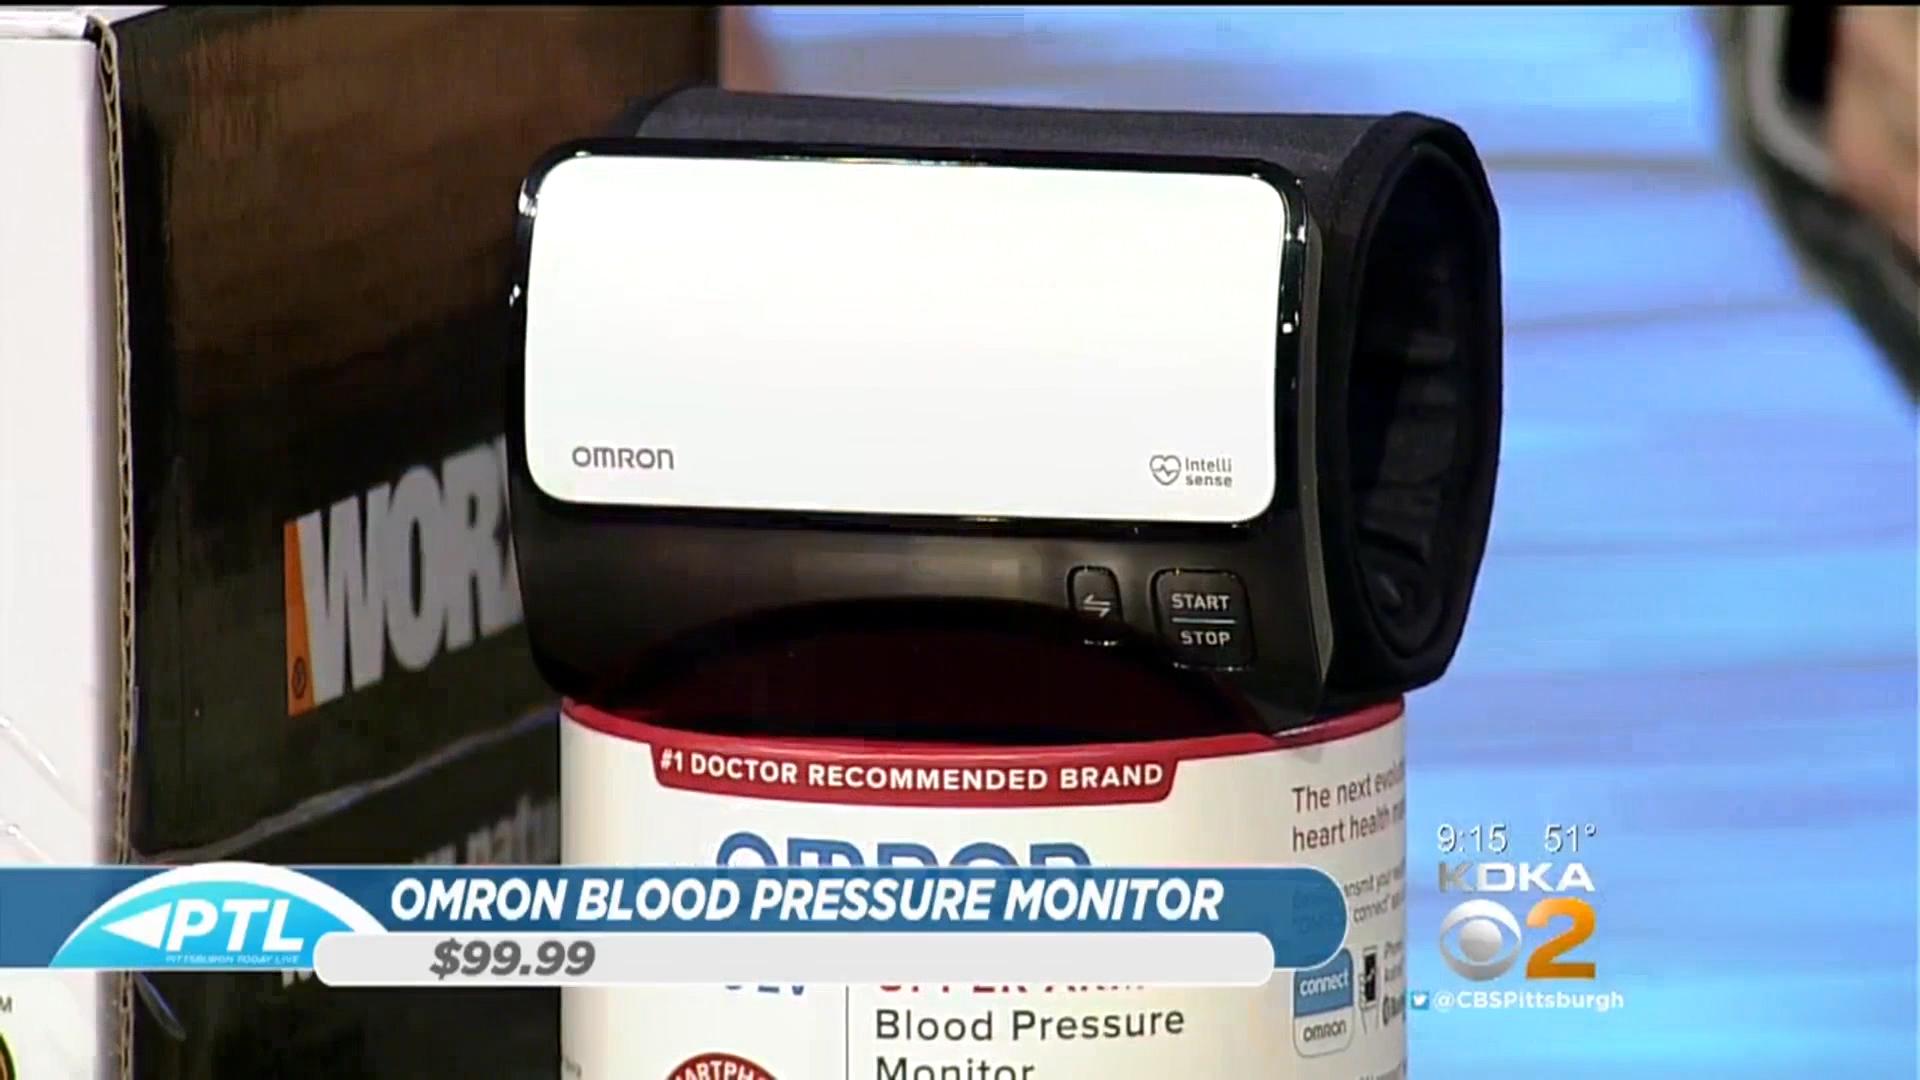 Omron Healthcare Evolv Blood Pressure Monitor - $99.99(866) 216-1333Visit Website